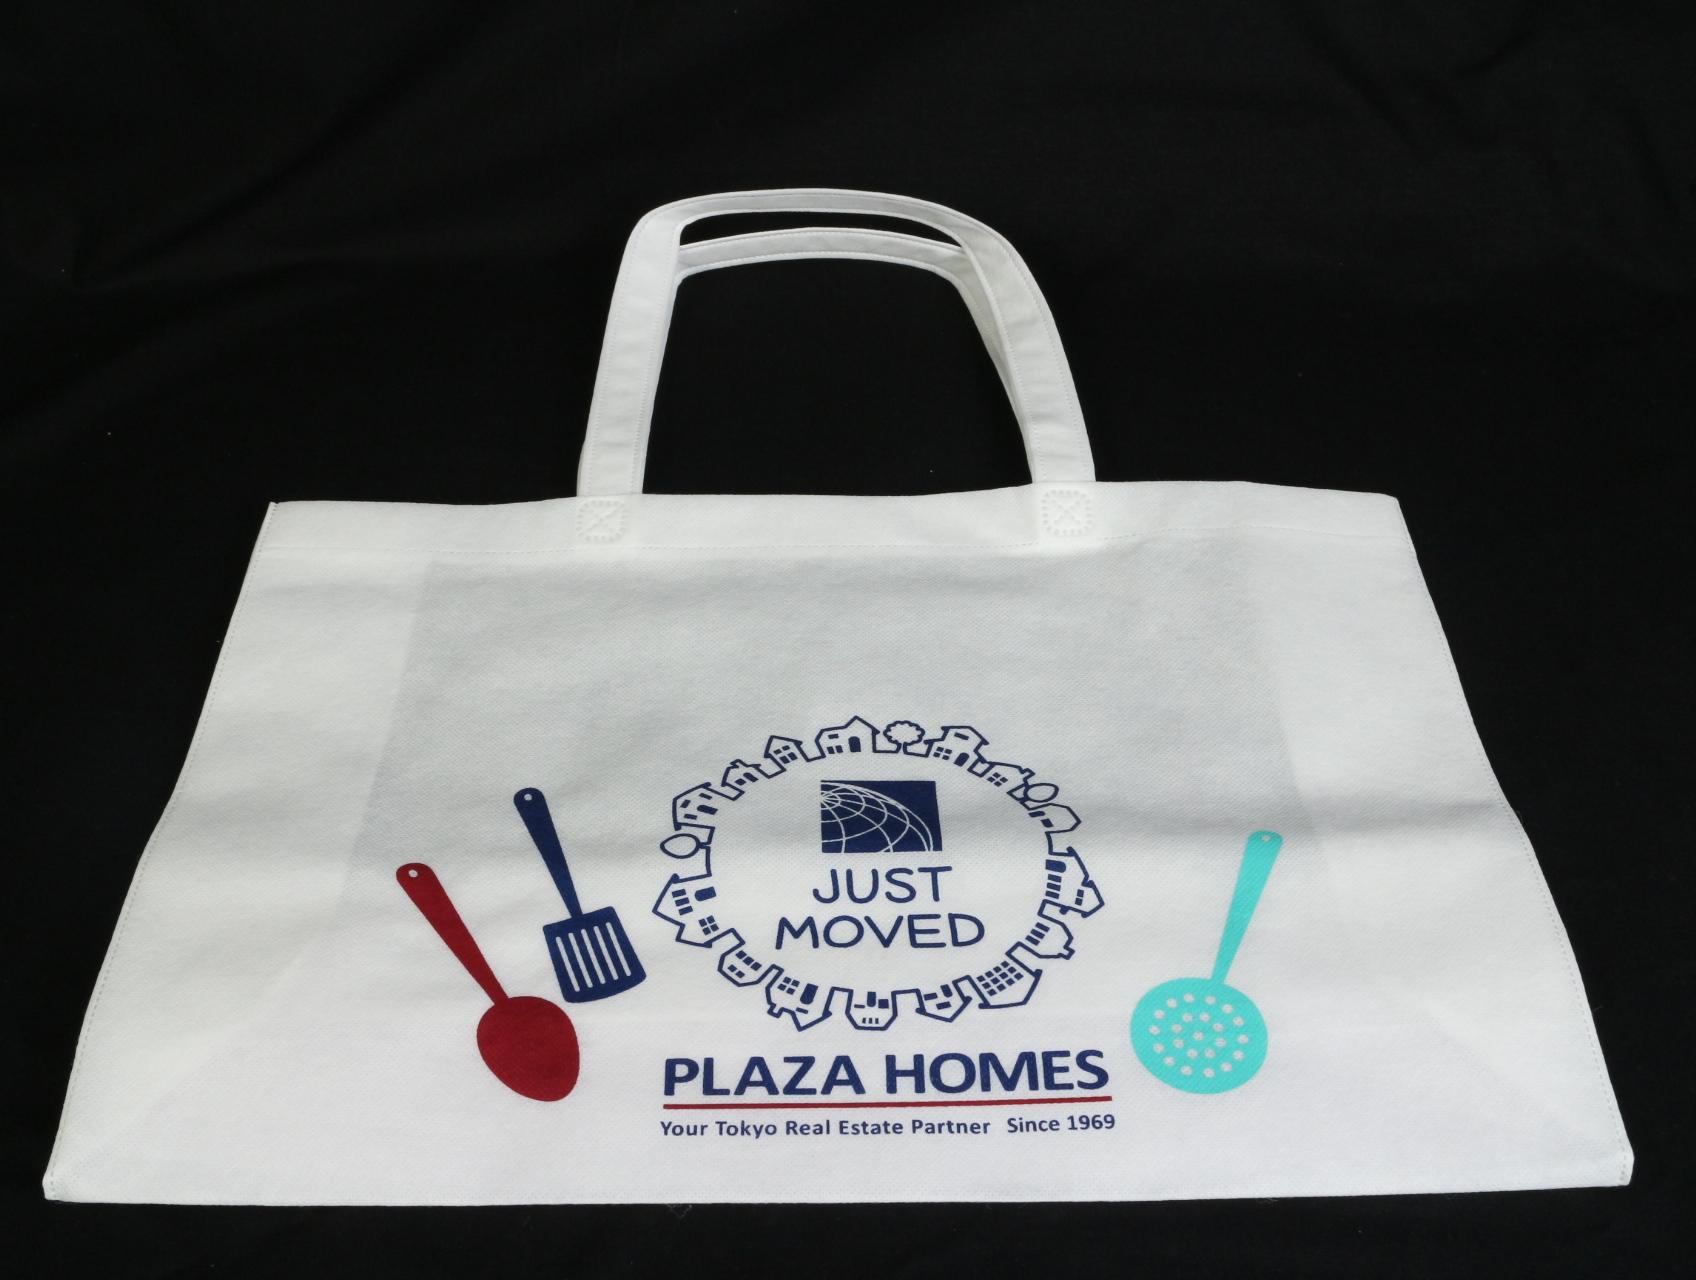 賃貸を中心に物件関する業務を行っておられる企業様のオリジナル不織布バッグ